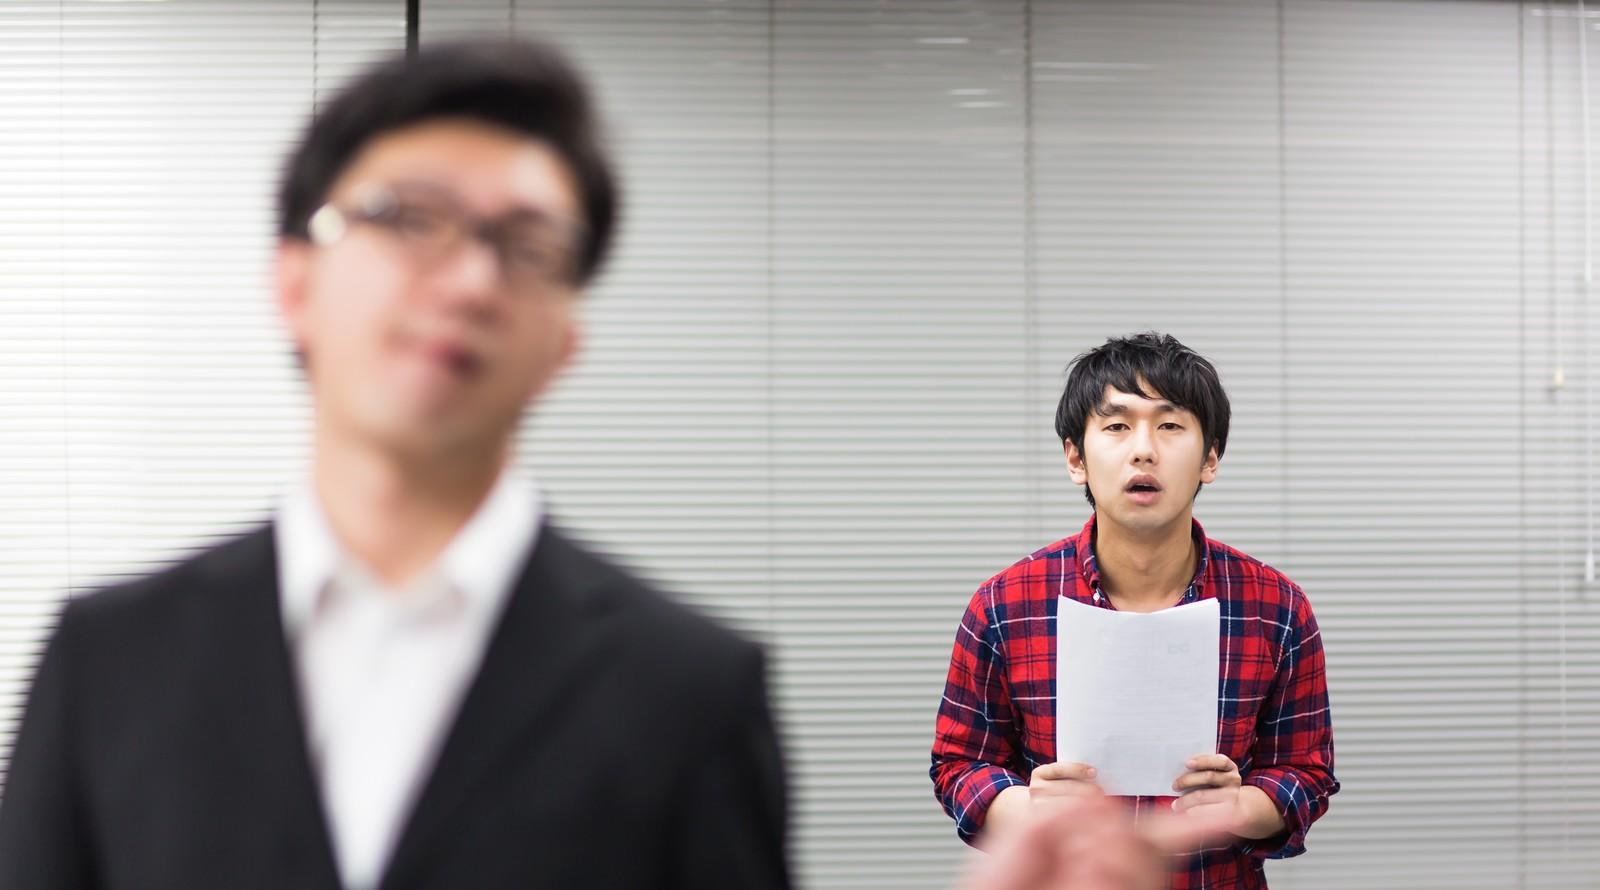 職場によくいる偉そうな人や態度がでかい人の特徴や付き合い方